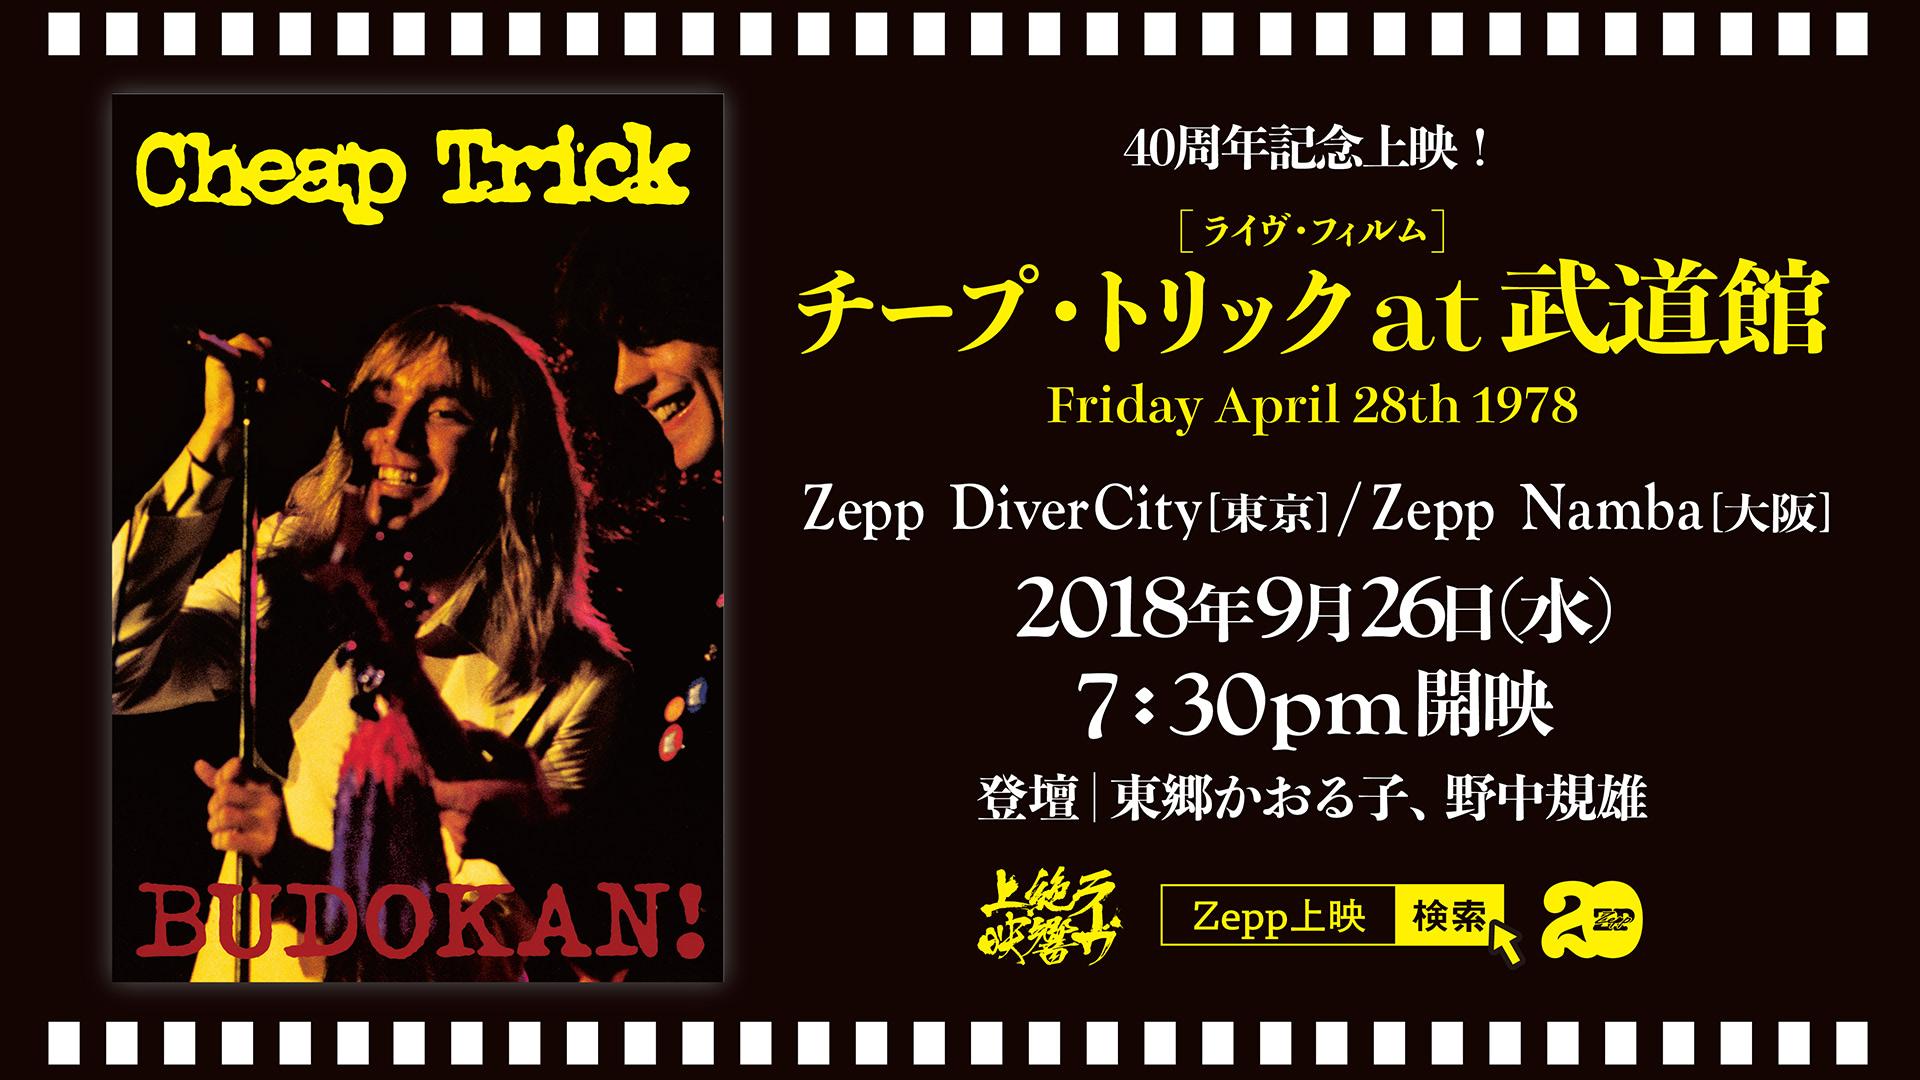 祝40周年記念!ライヴ・フィルム『チープ・トリックat 武道館 Friday April 28th 1978』一夜限りのライヴ絶響上映@Zepp東阪